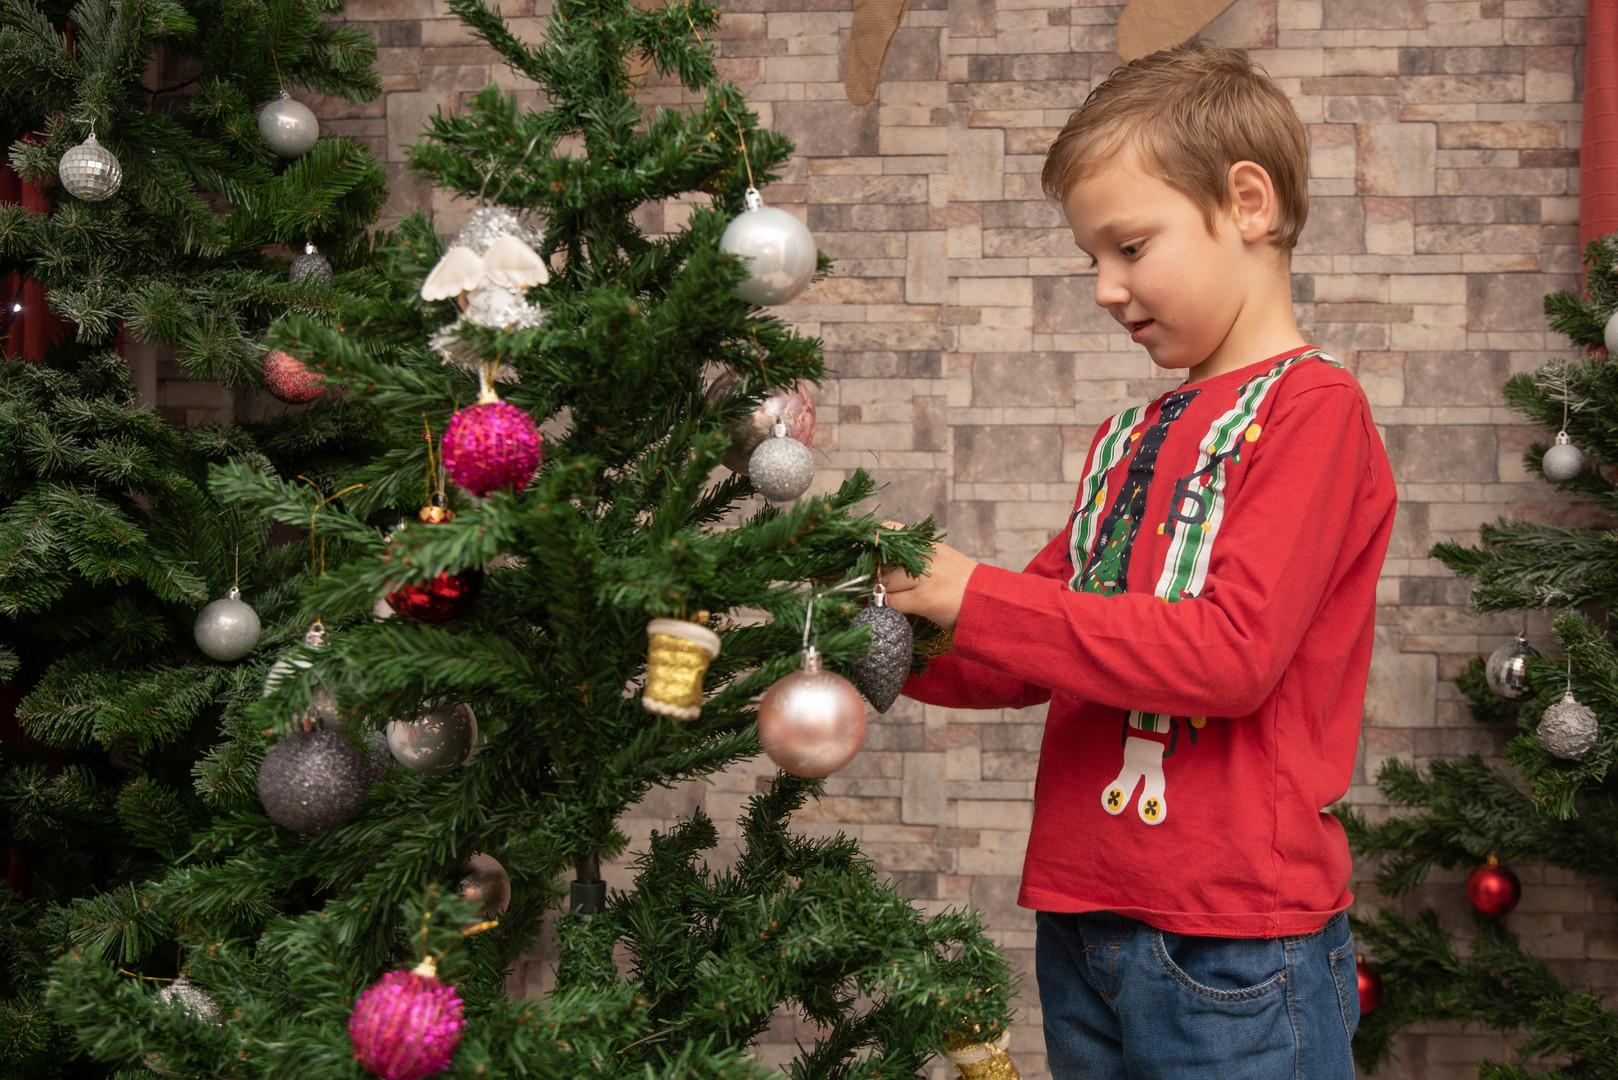 Zapisan_trenutek_Božično-fotografiranje-